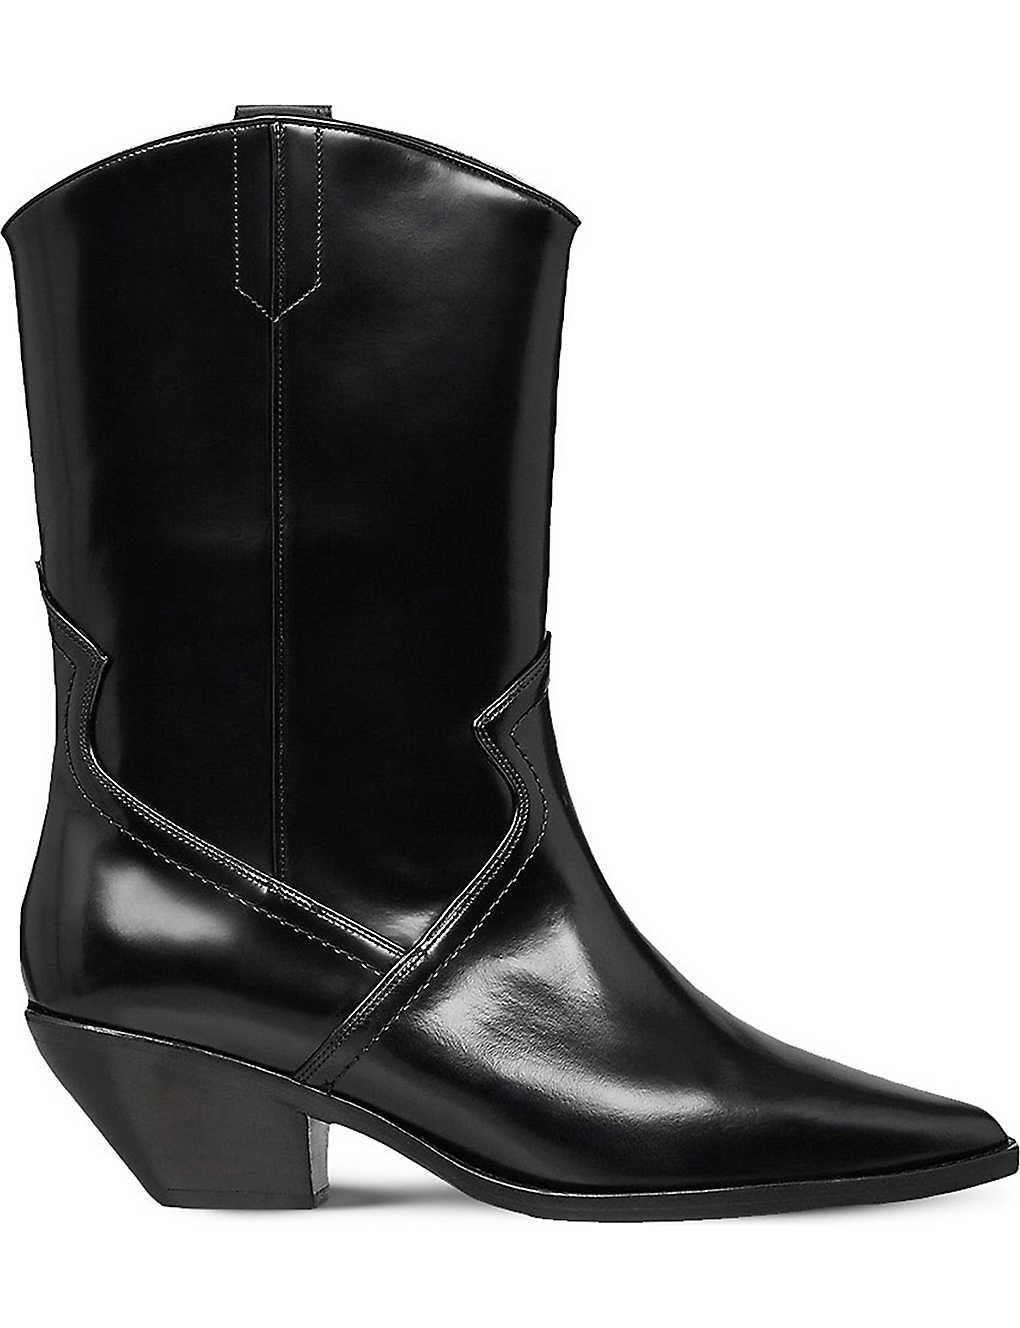 6fc17a1895c ALLSAINTS - Evi leather cowboy boots | Selfridges.com